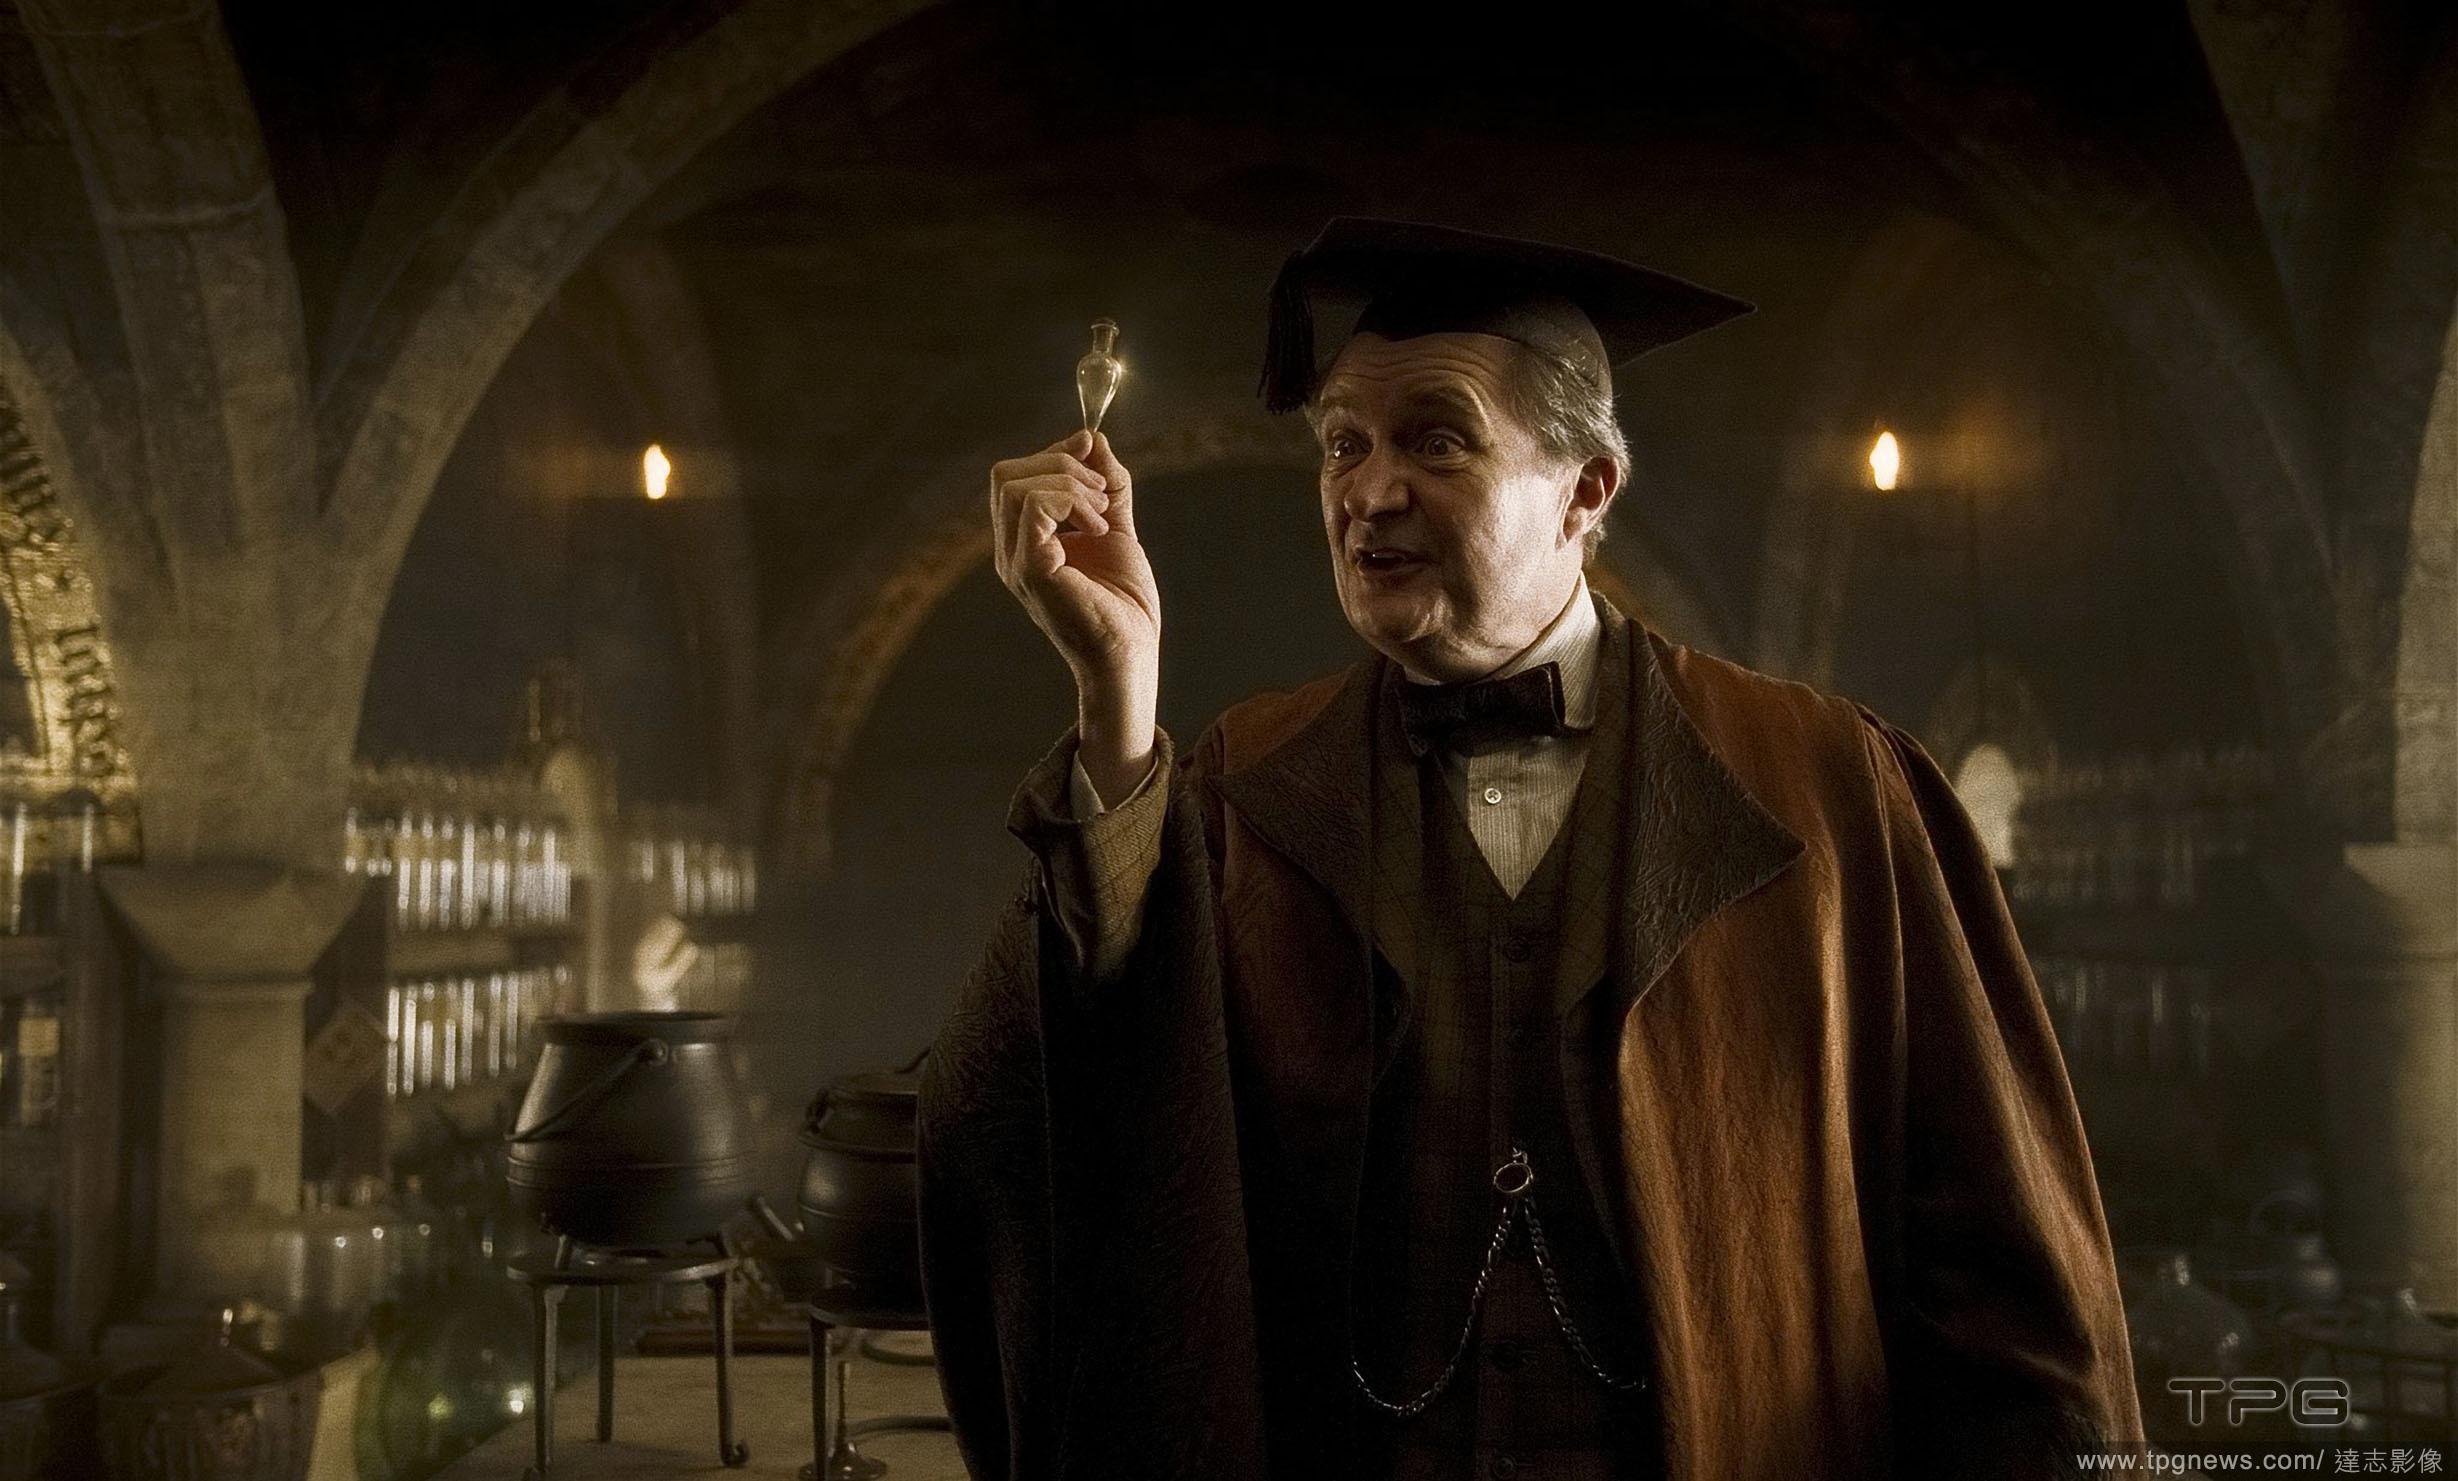 ▲《哈利波特》教授吉姆布洛班特將演出美劇《冰與火之歌》。(圖/達志影像)